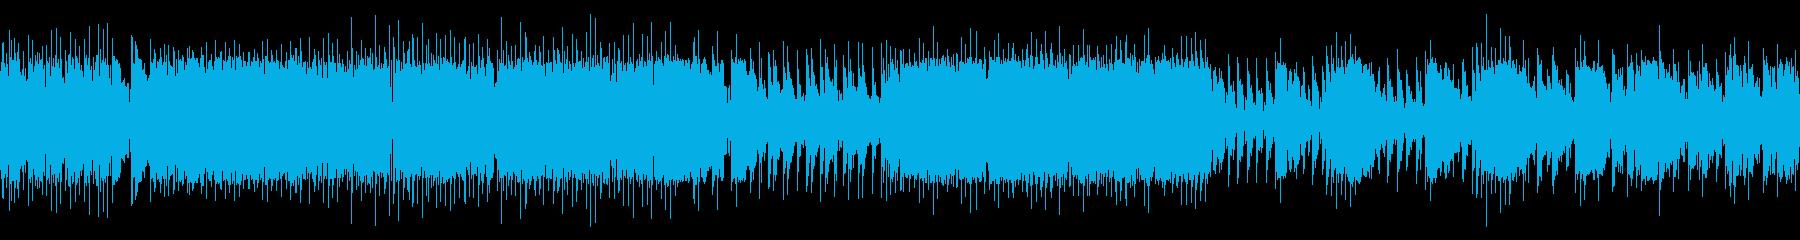 和太鼓/ループ/力強い太鼓の再生済みの波形